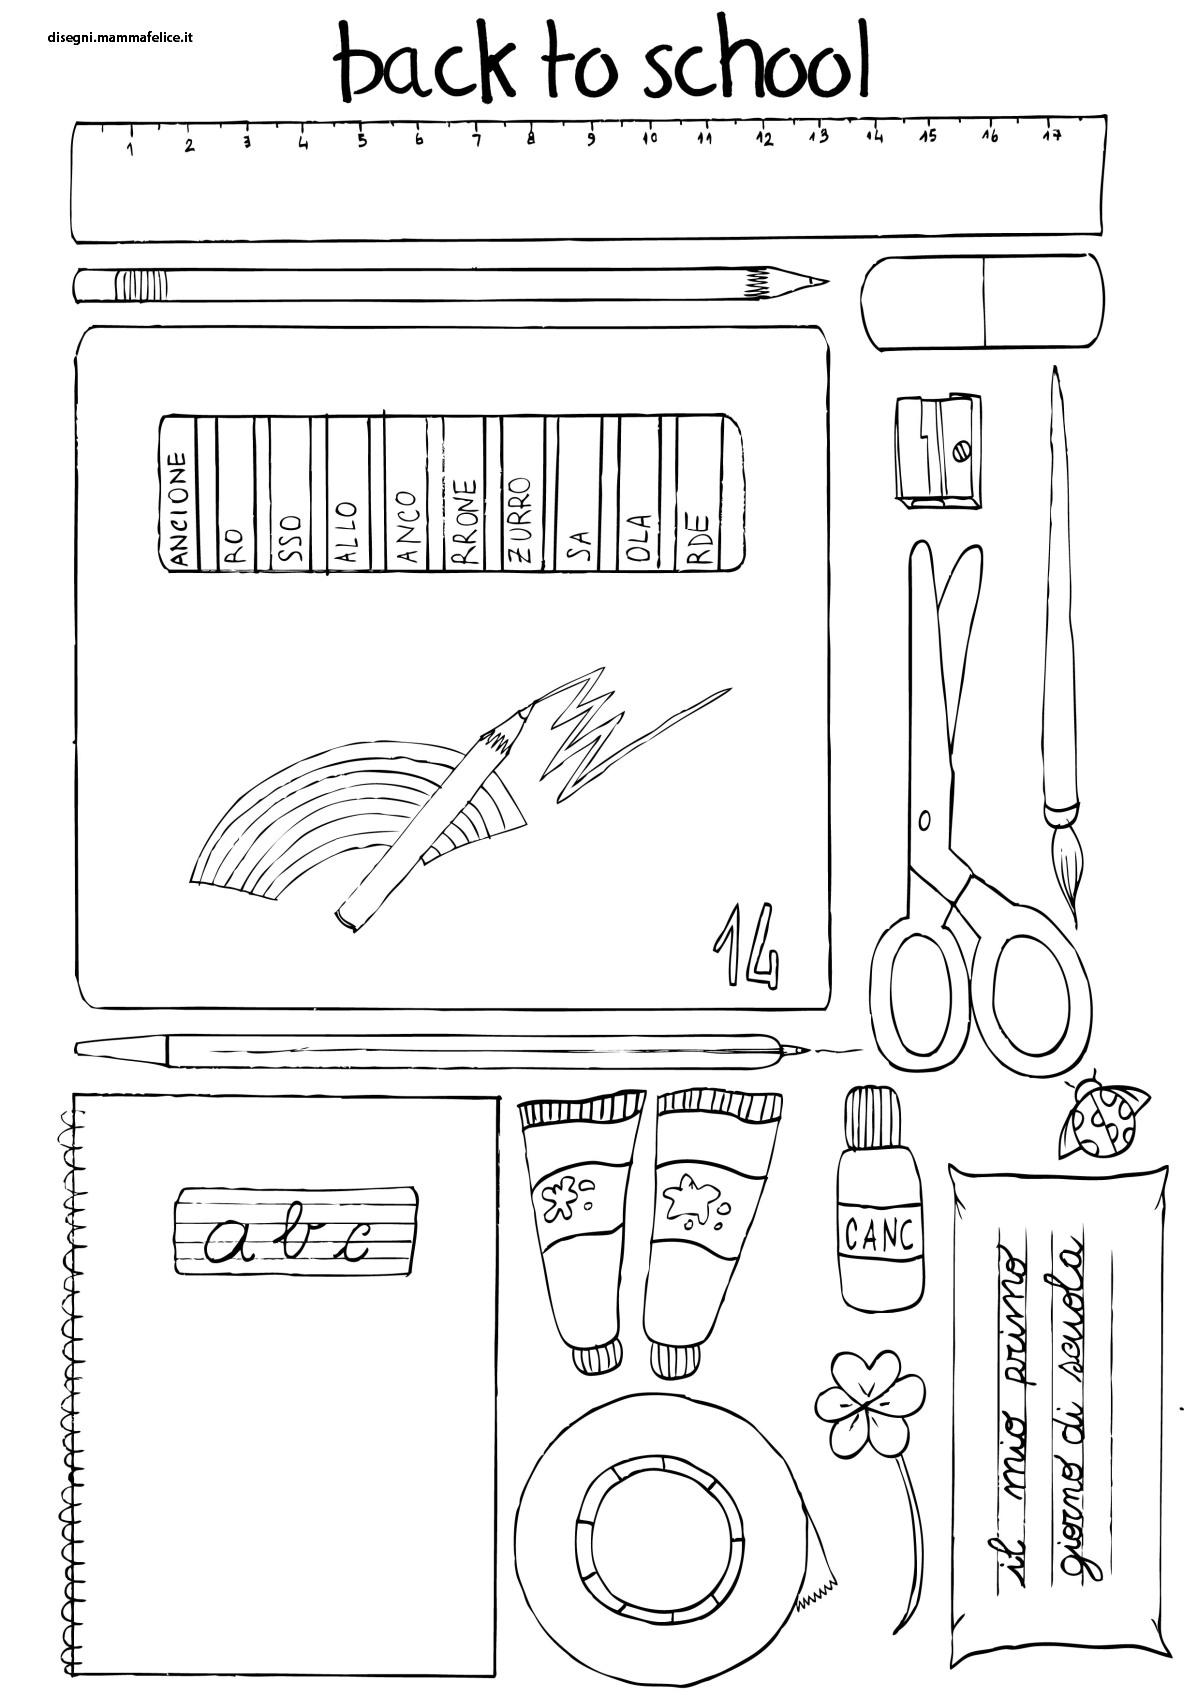 disegno-da-colorare-back-to-school